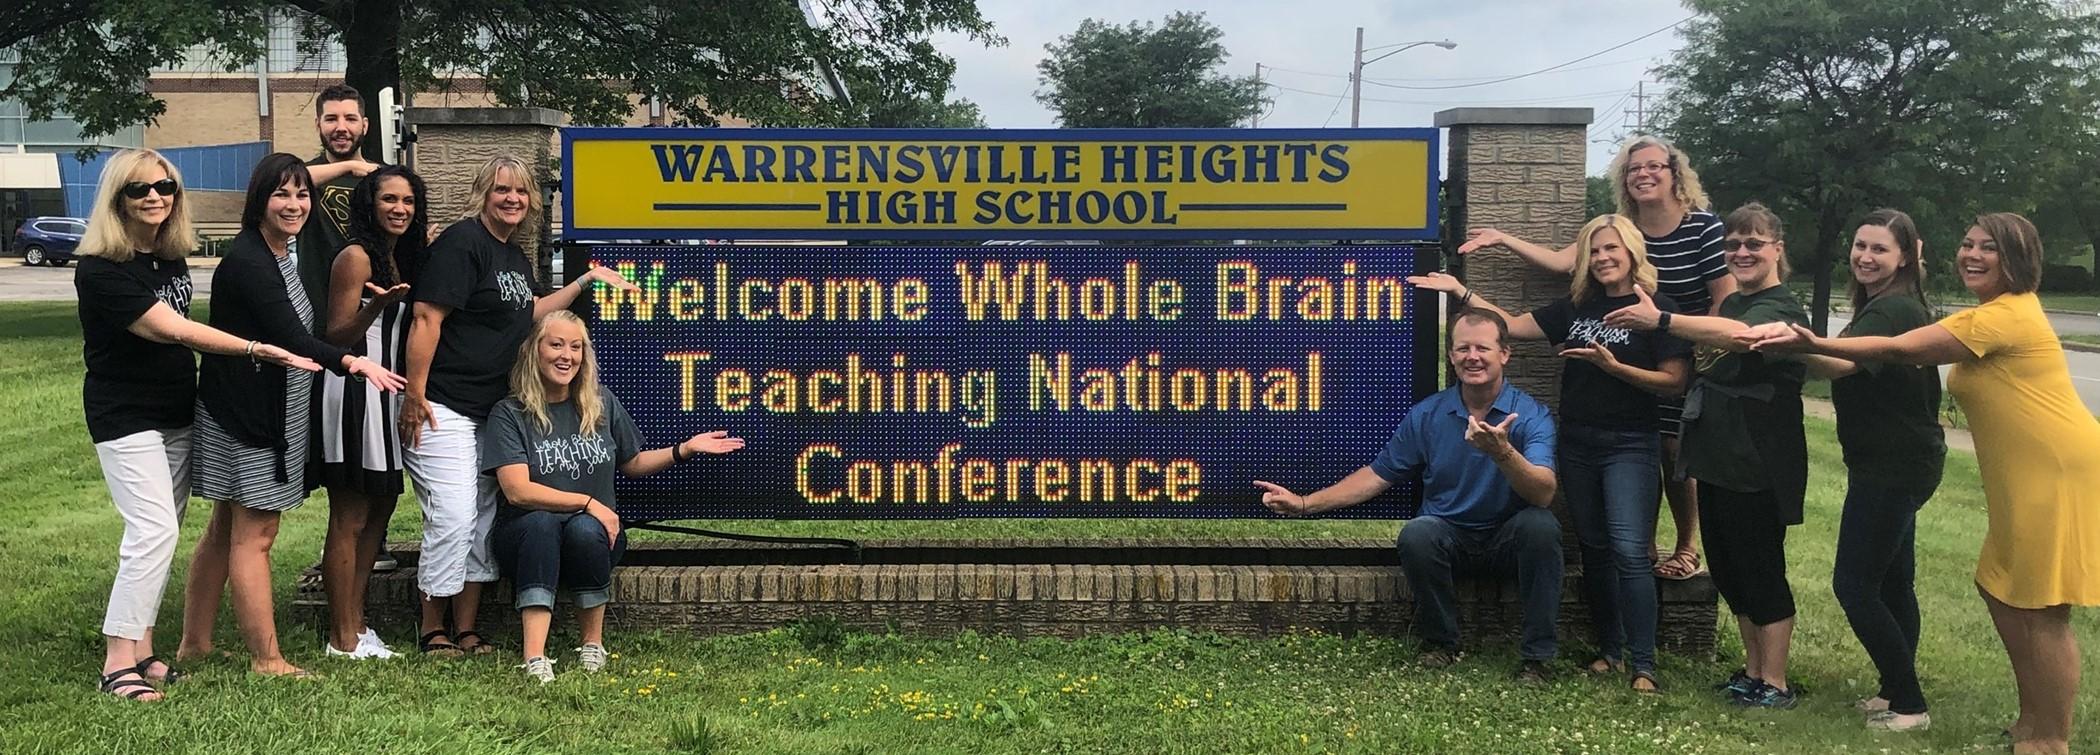 Warrensville Heights City Schools